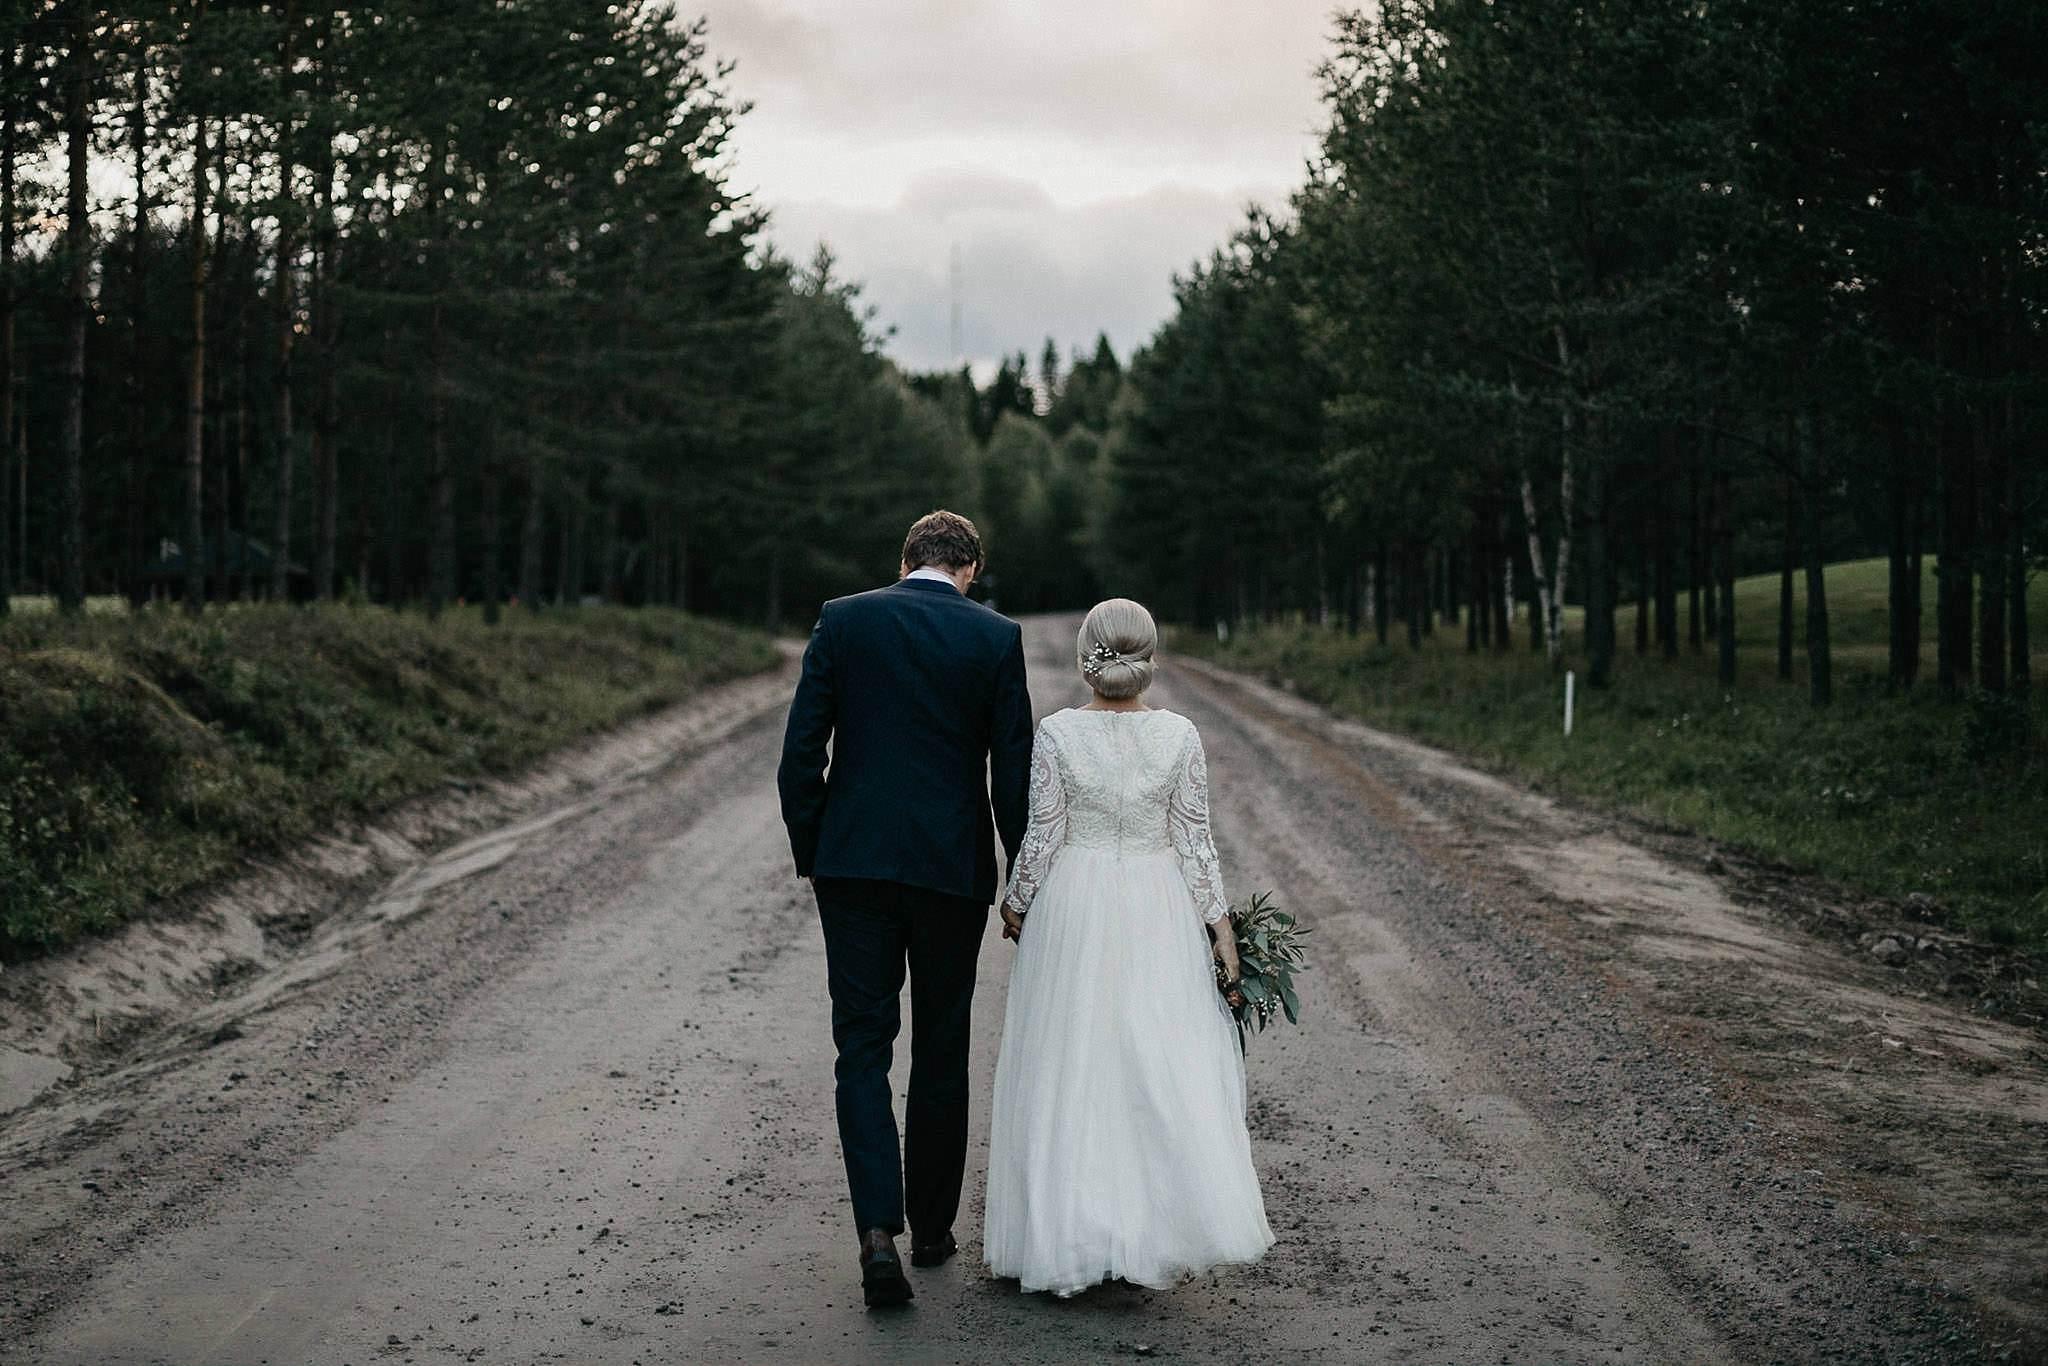 Haakuvaus_wedding_jyvaskyla_muurame_tuomiston_tila_0107.jpg